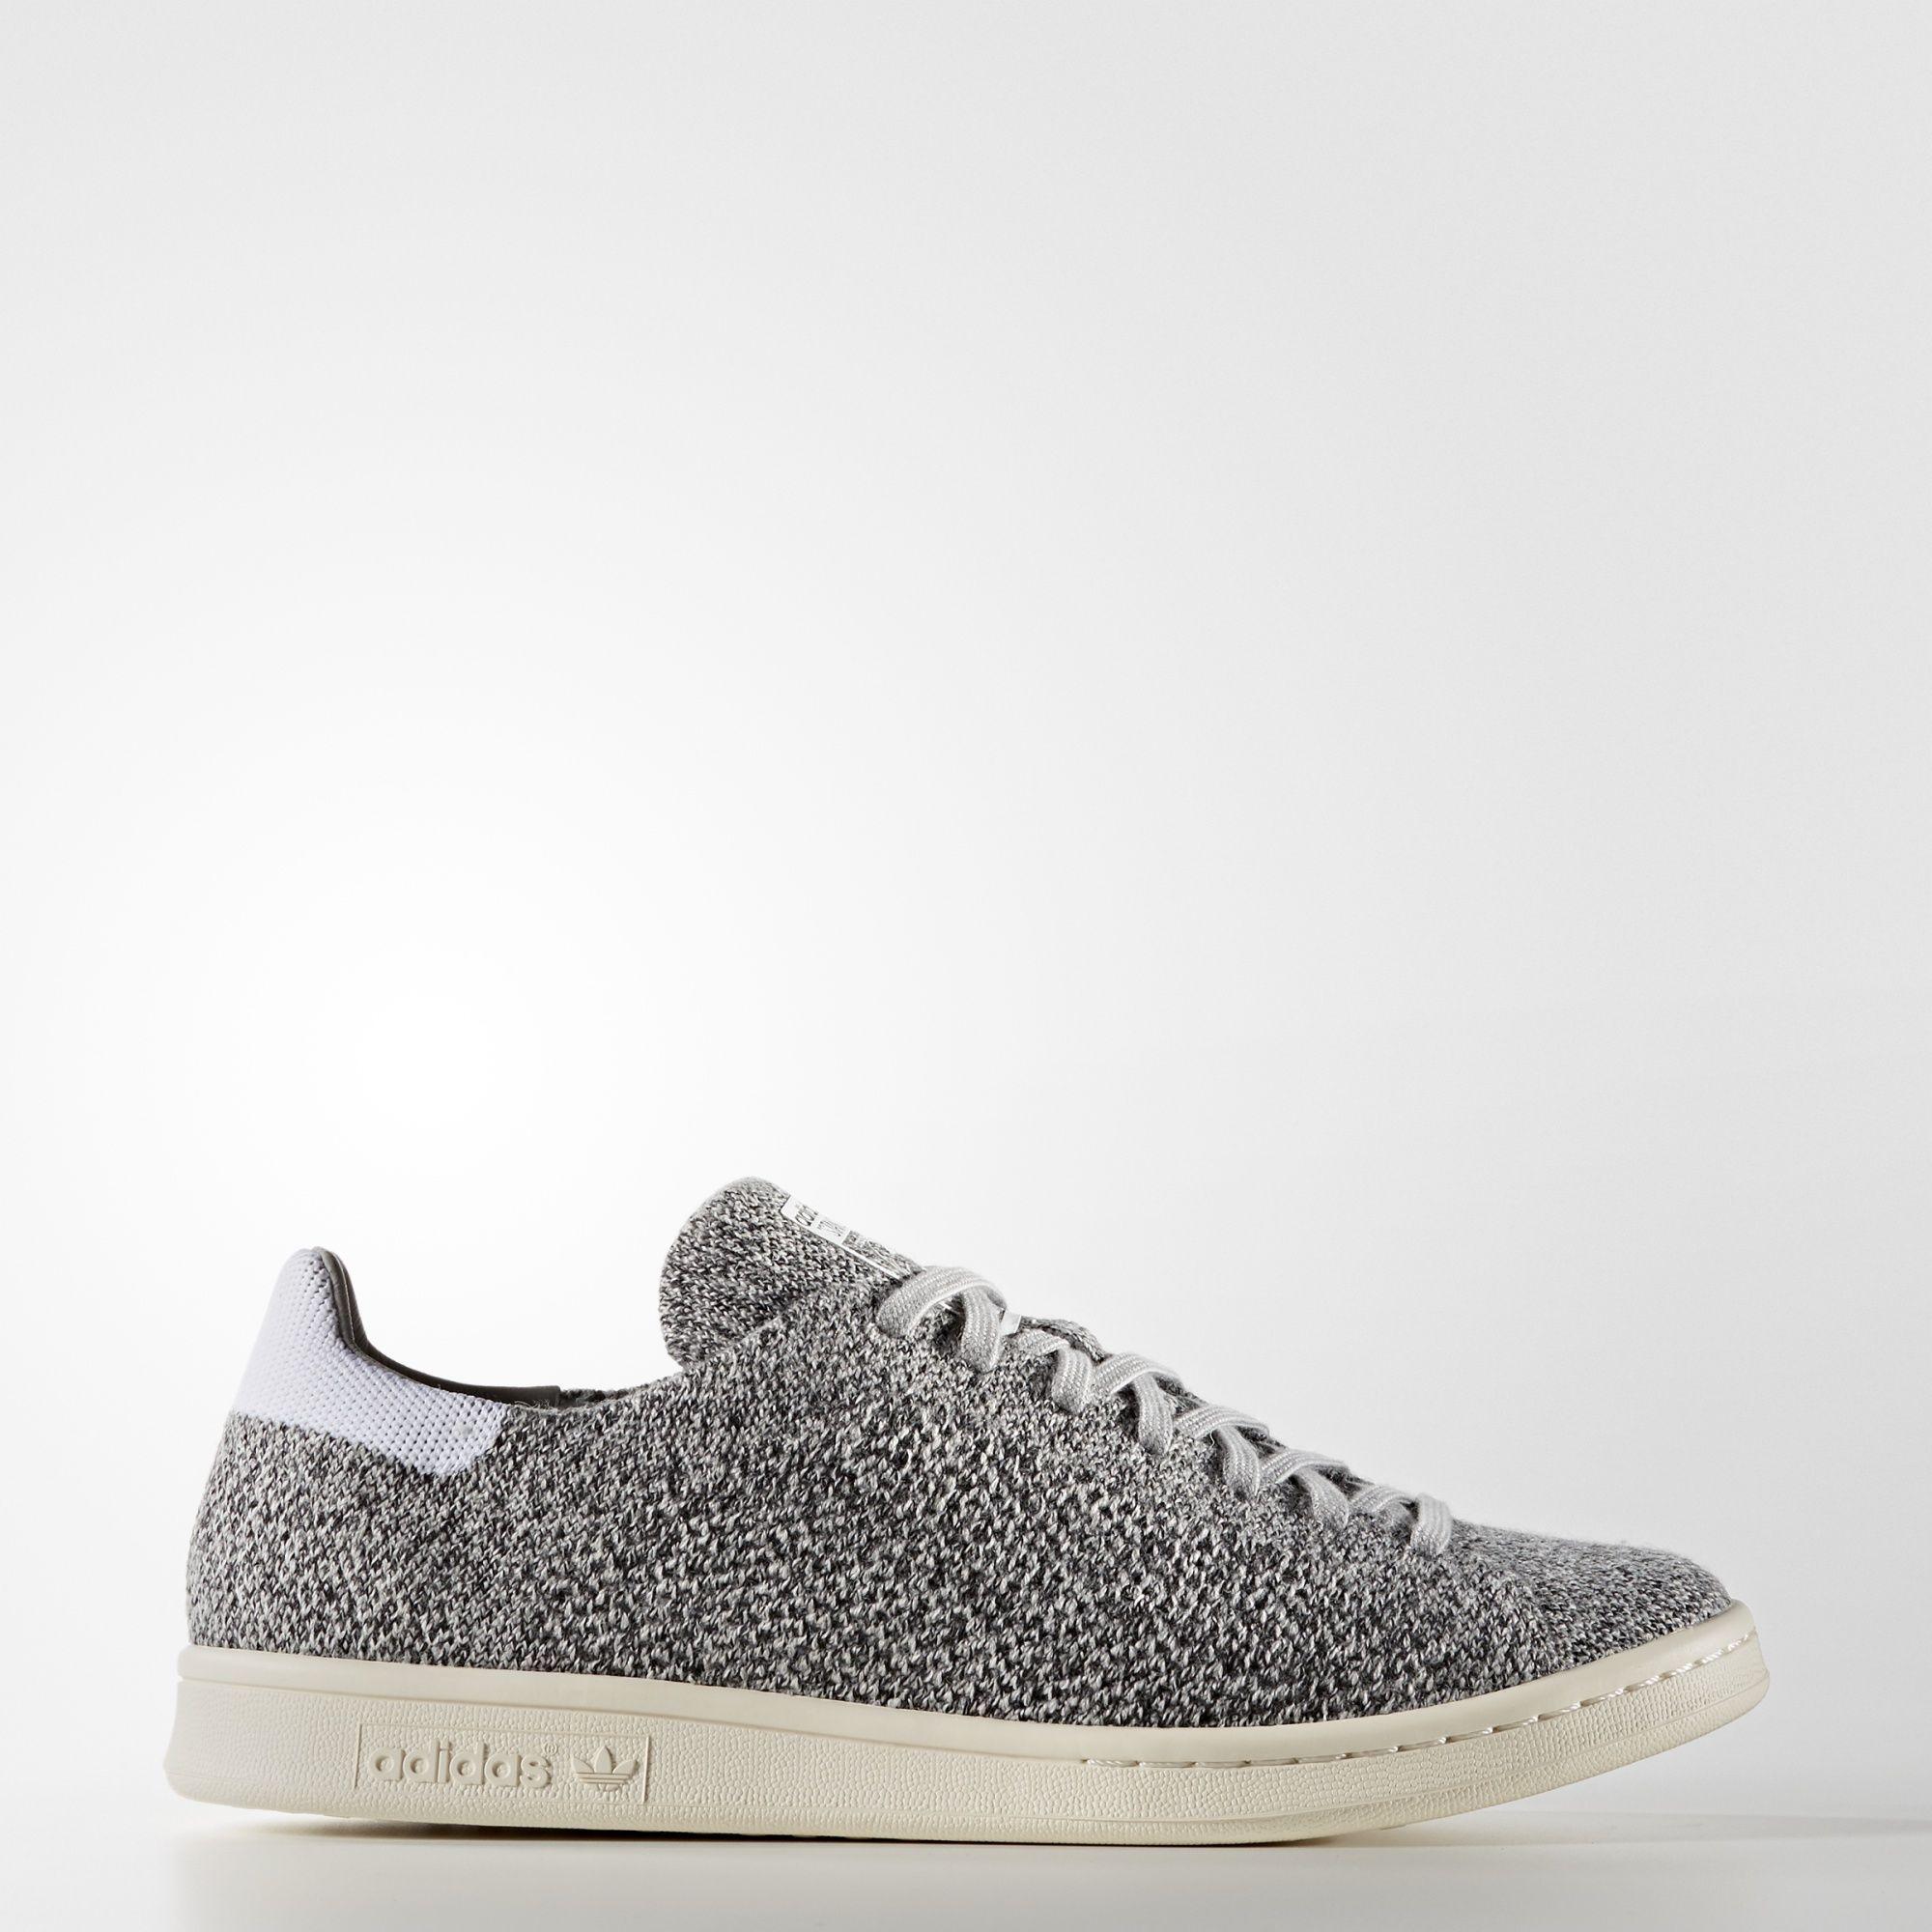 scarpe simili adidas donna